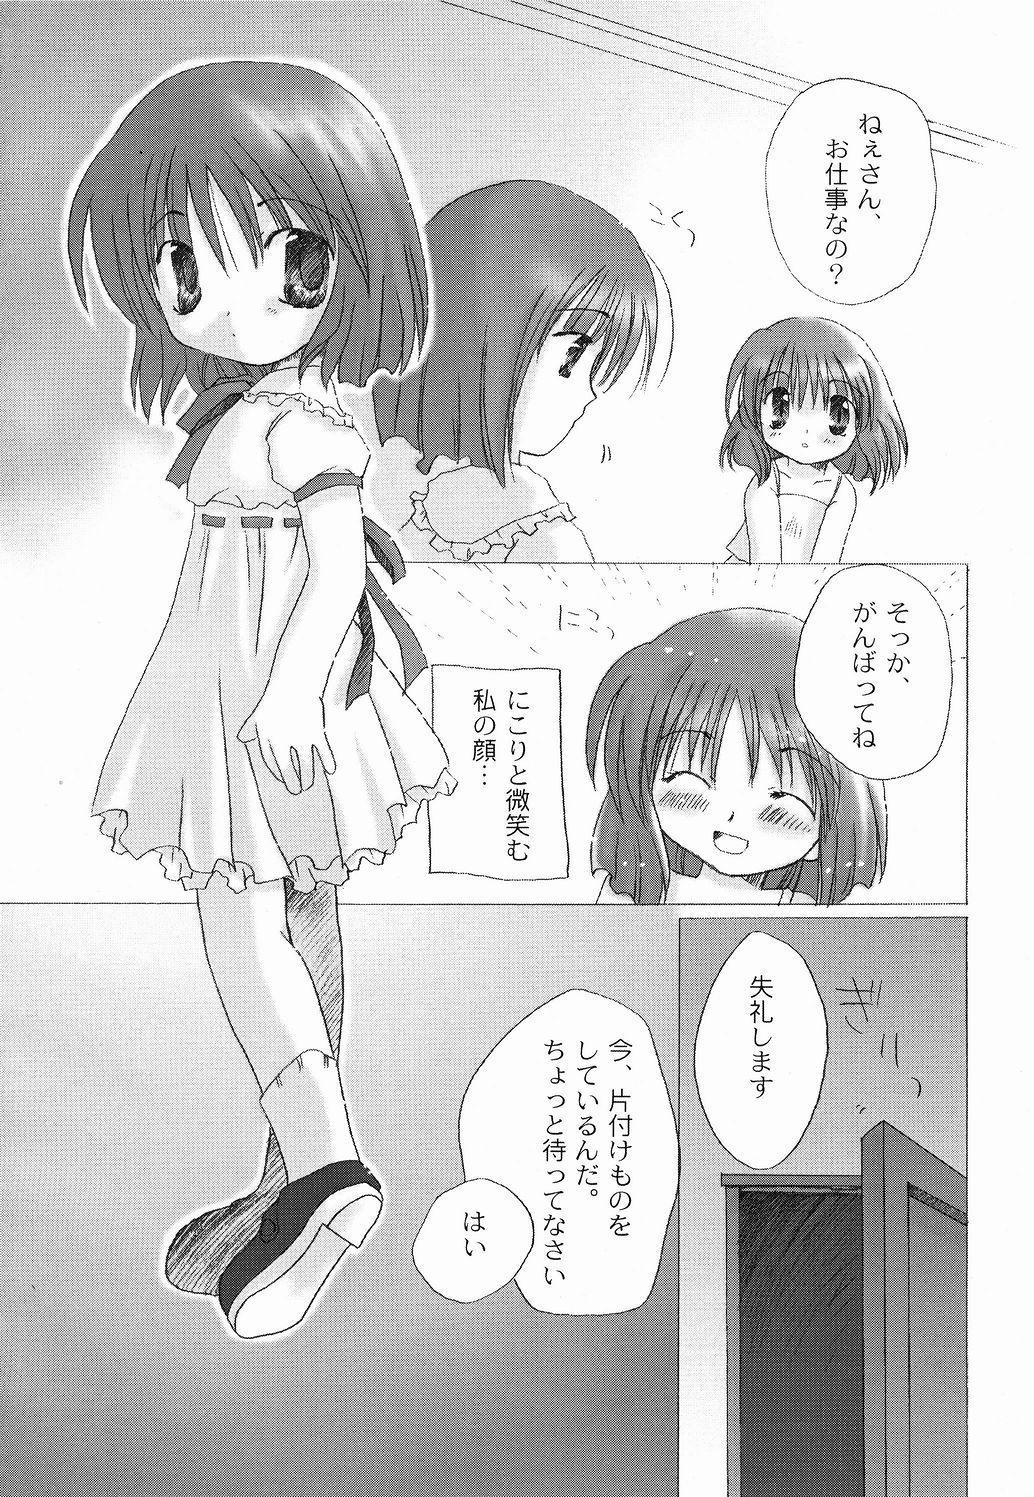 Taiyou to Tsuki ni Somuite 6